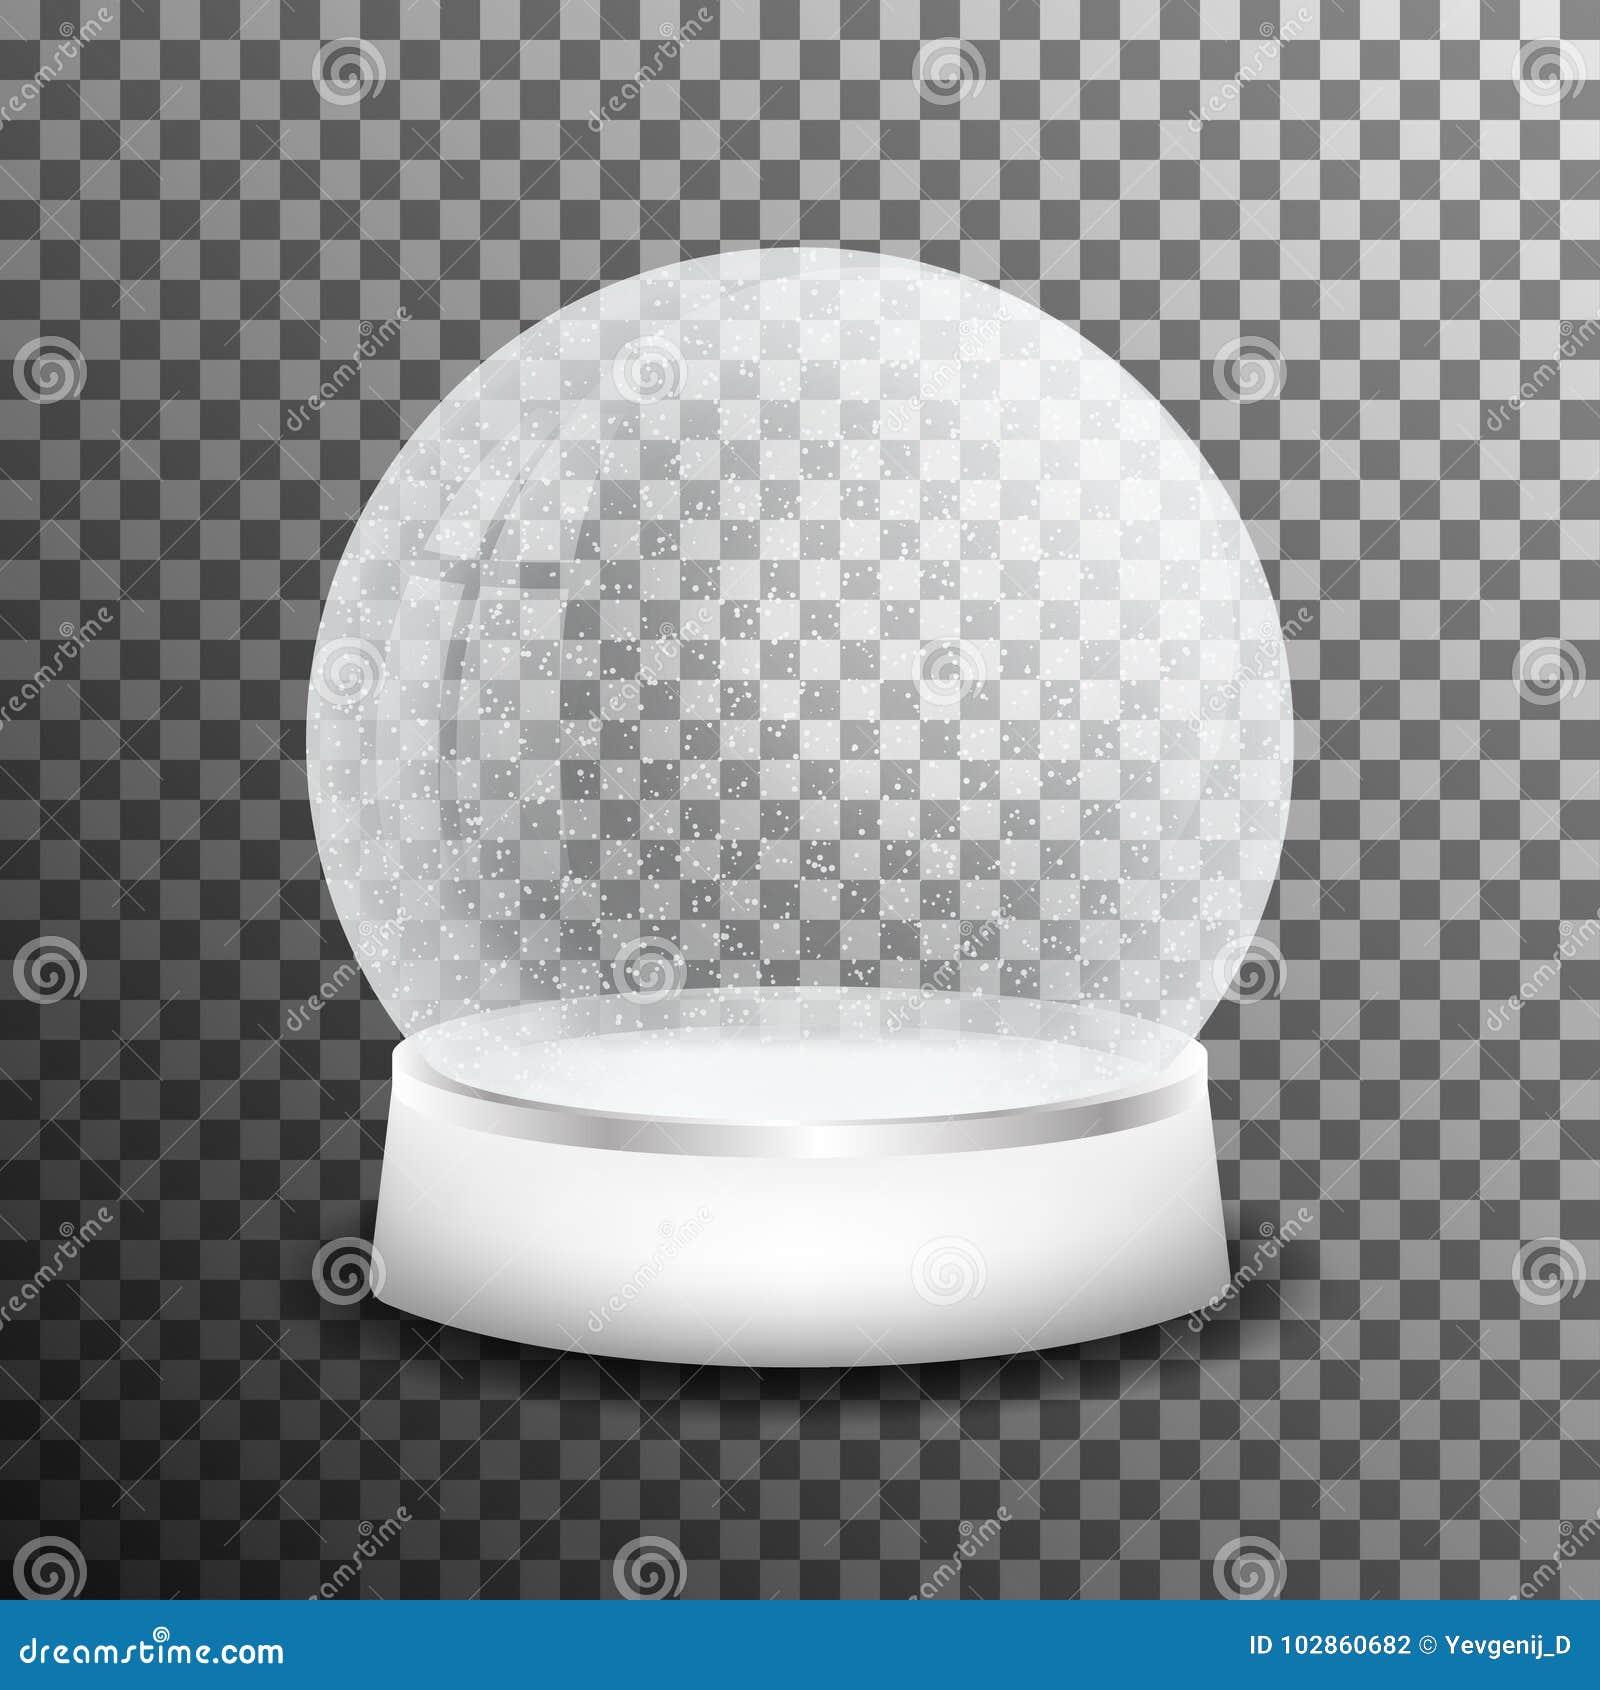 Glass snöboll för jul på genomskinlig bakgrund Realistisk crystal snöboll med ljus reflexion